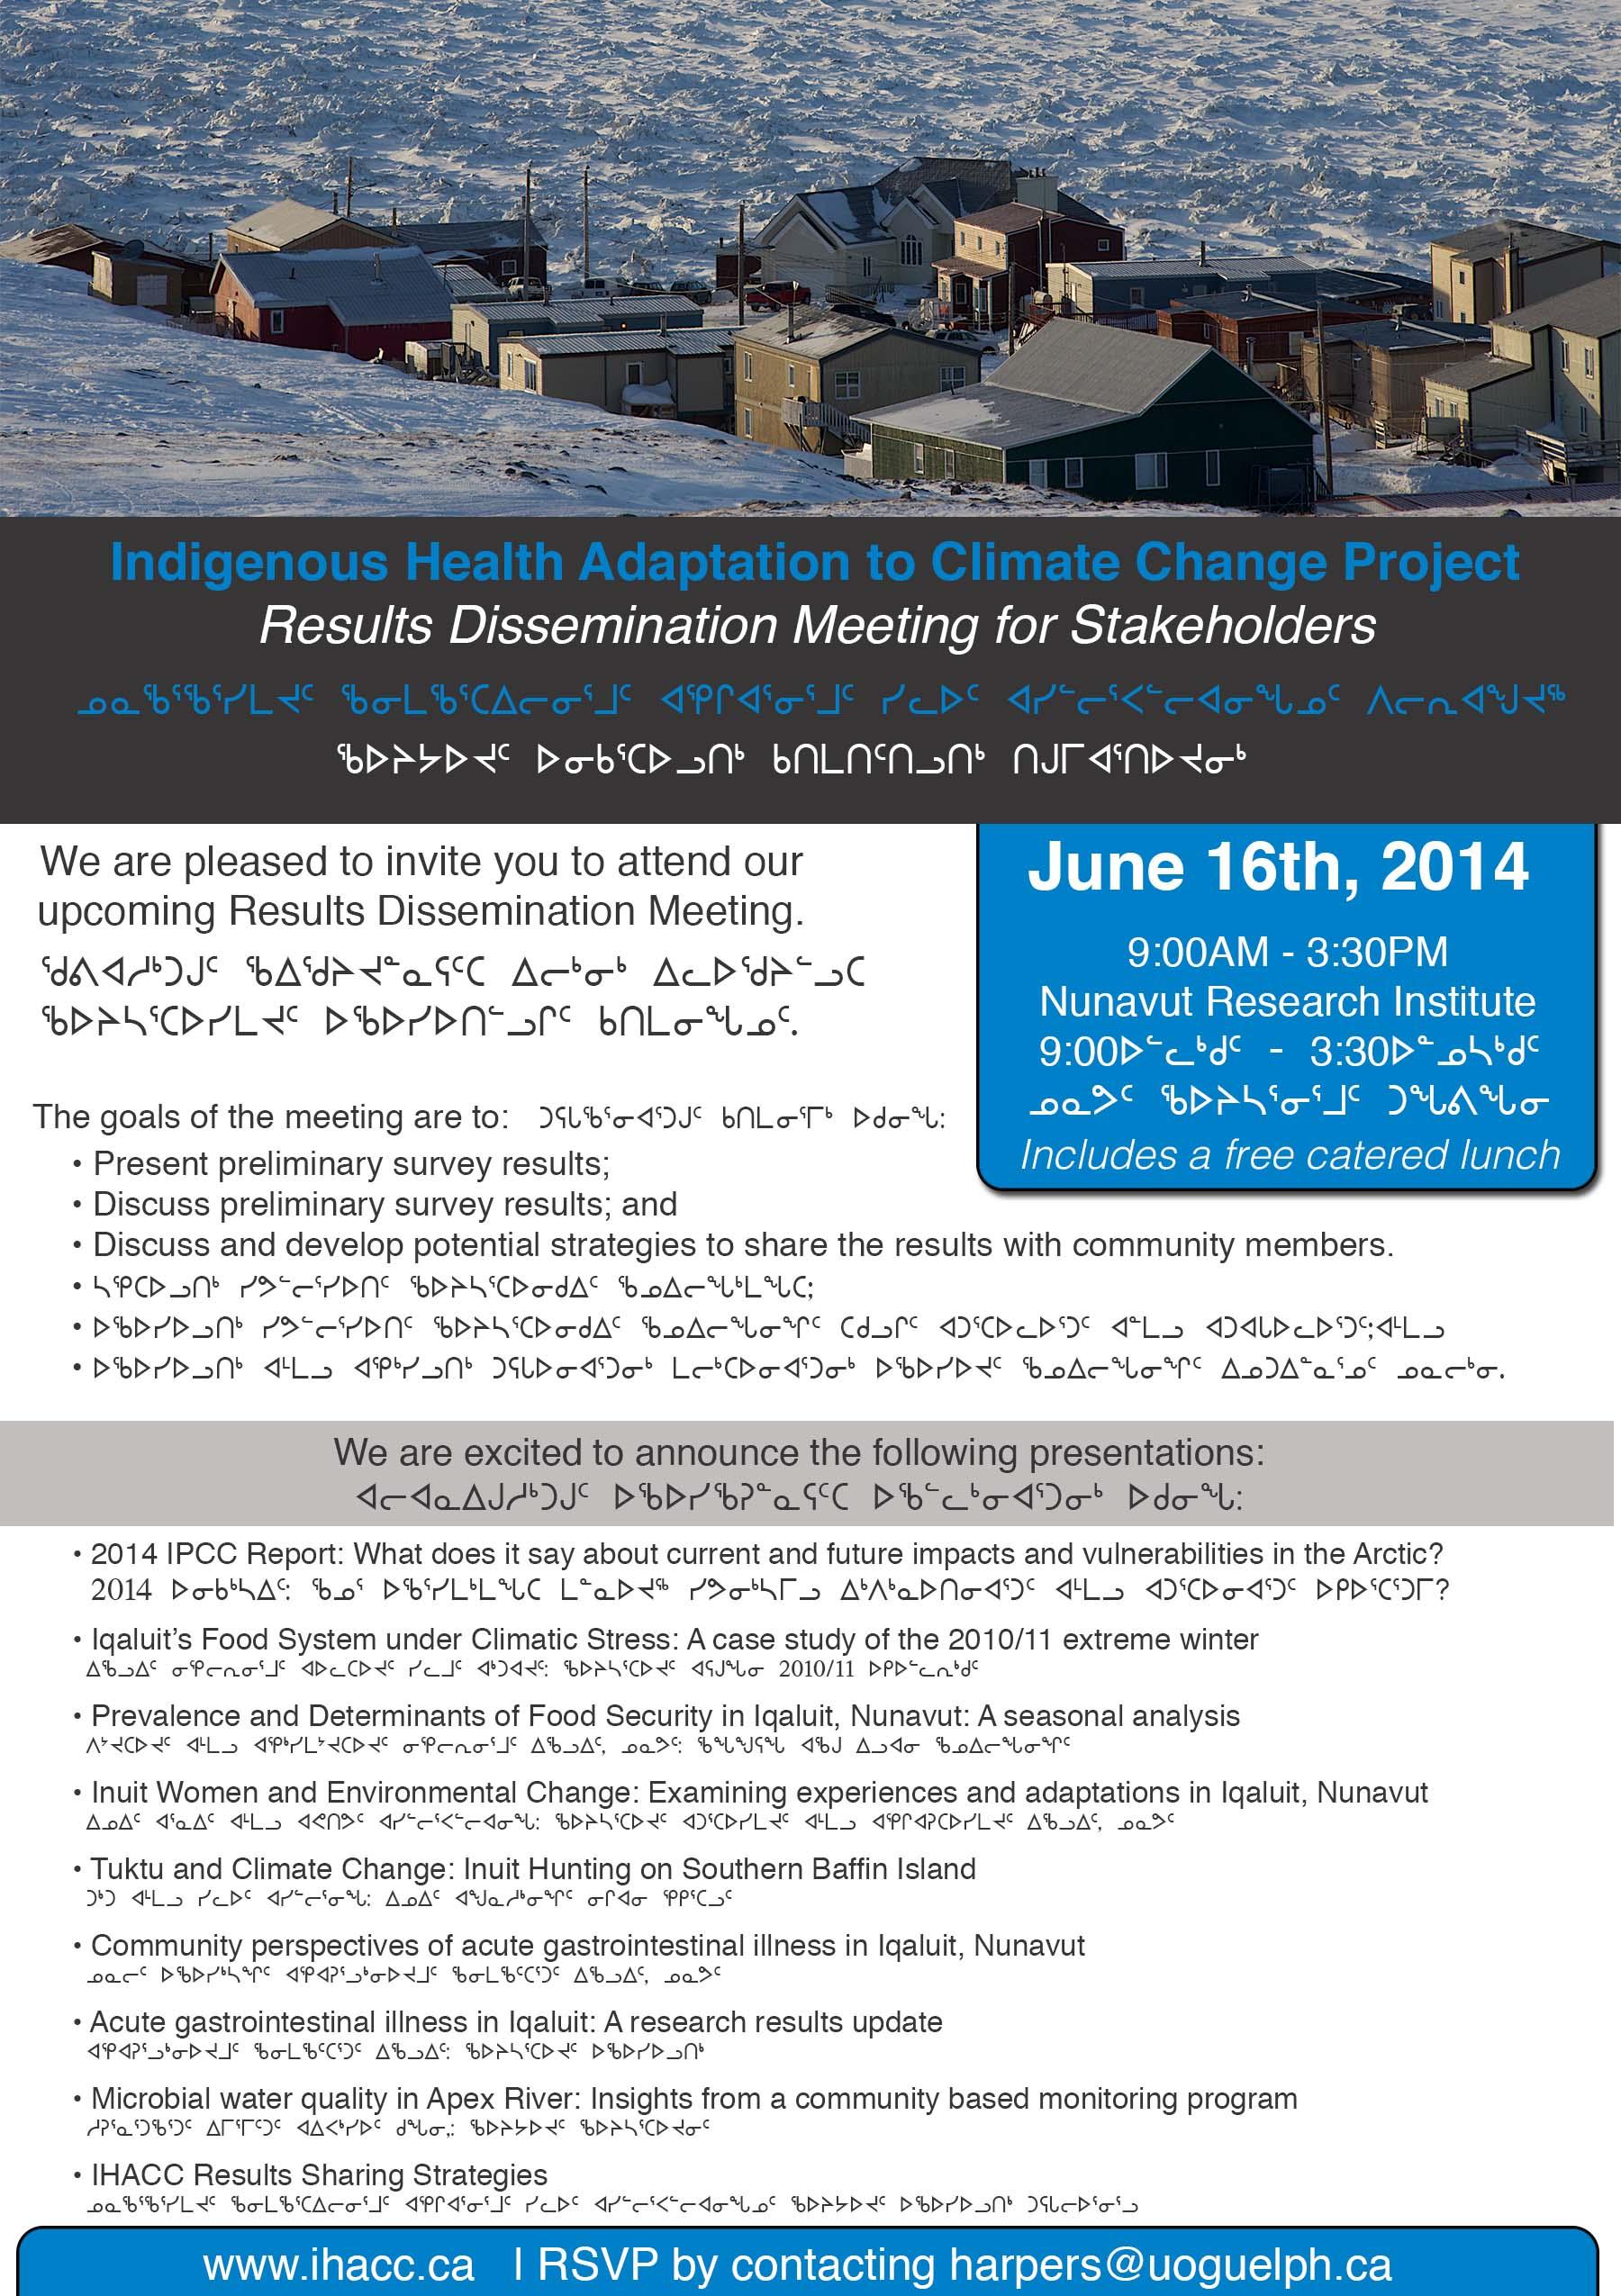 IHACC-Iqaluit-Meeting-2014.jpg